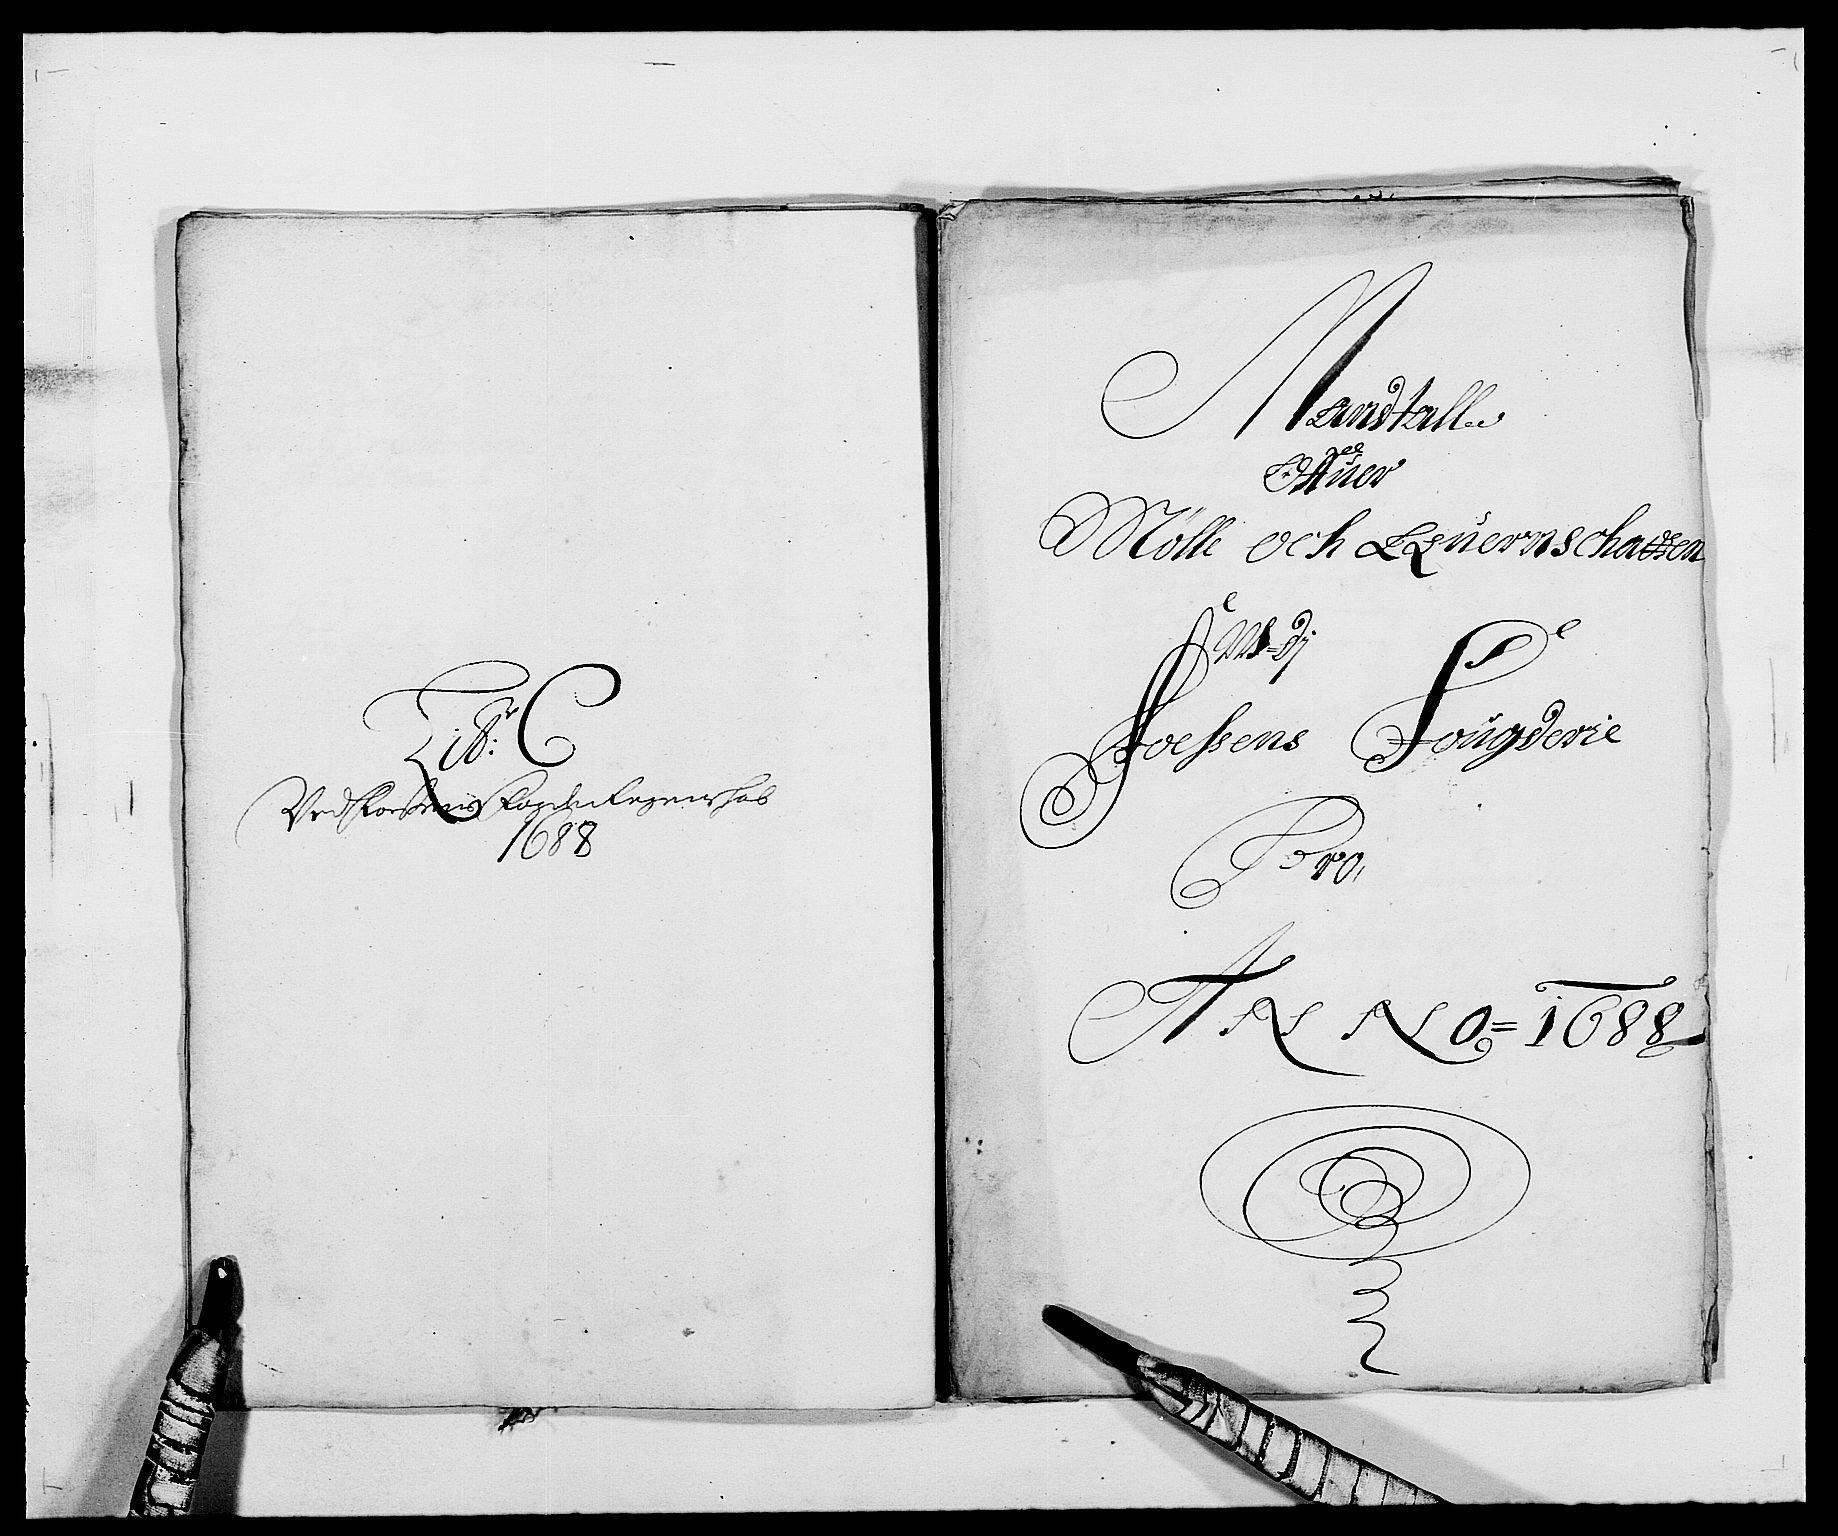 RA, Rentekammeret inntil 1814, Reviderte regnskaper, Fogderegnskap, R57/L3846: Fogderegnskap Fosen, 1688, s. 79